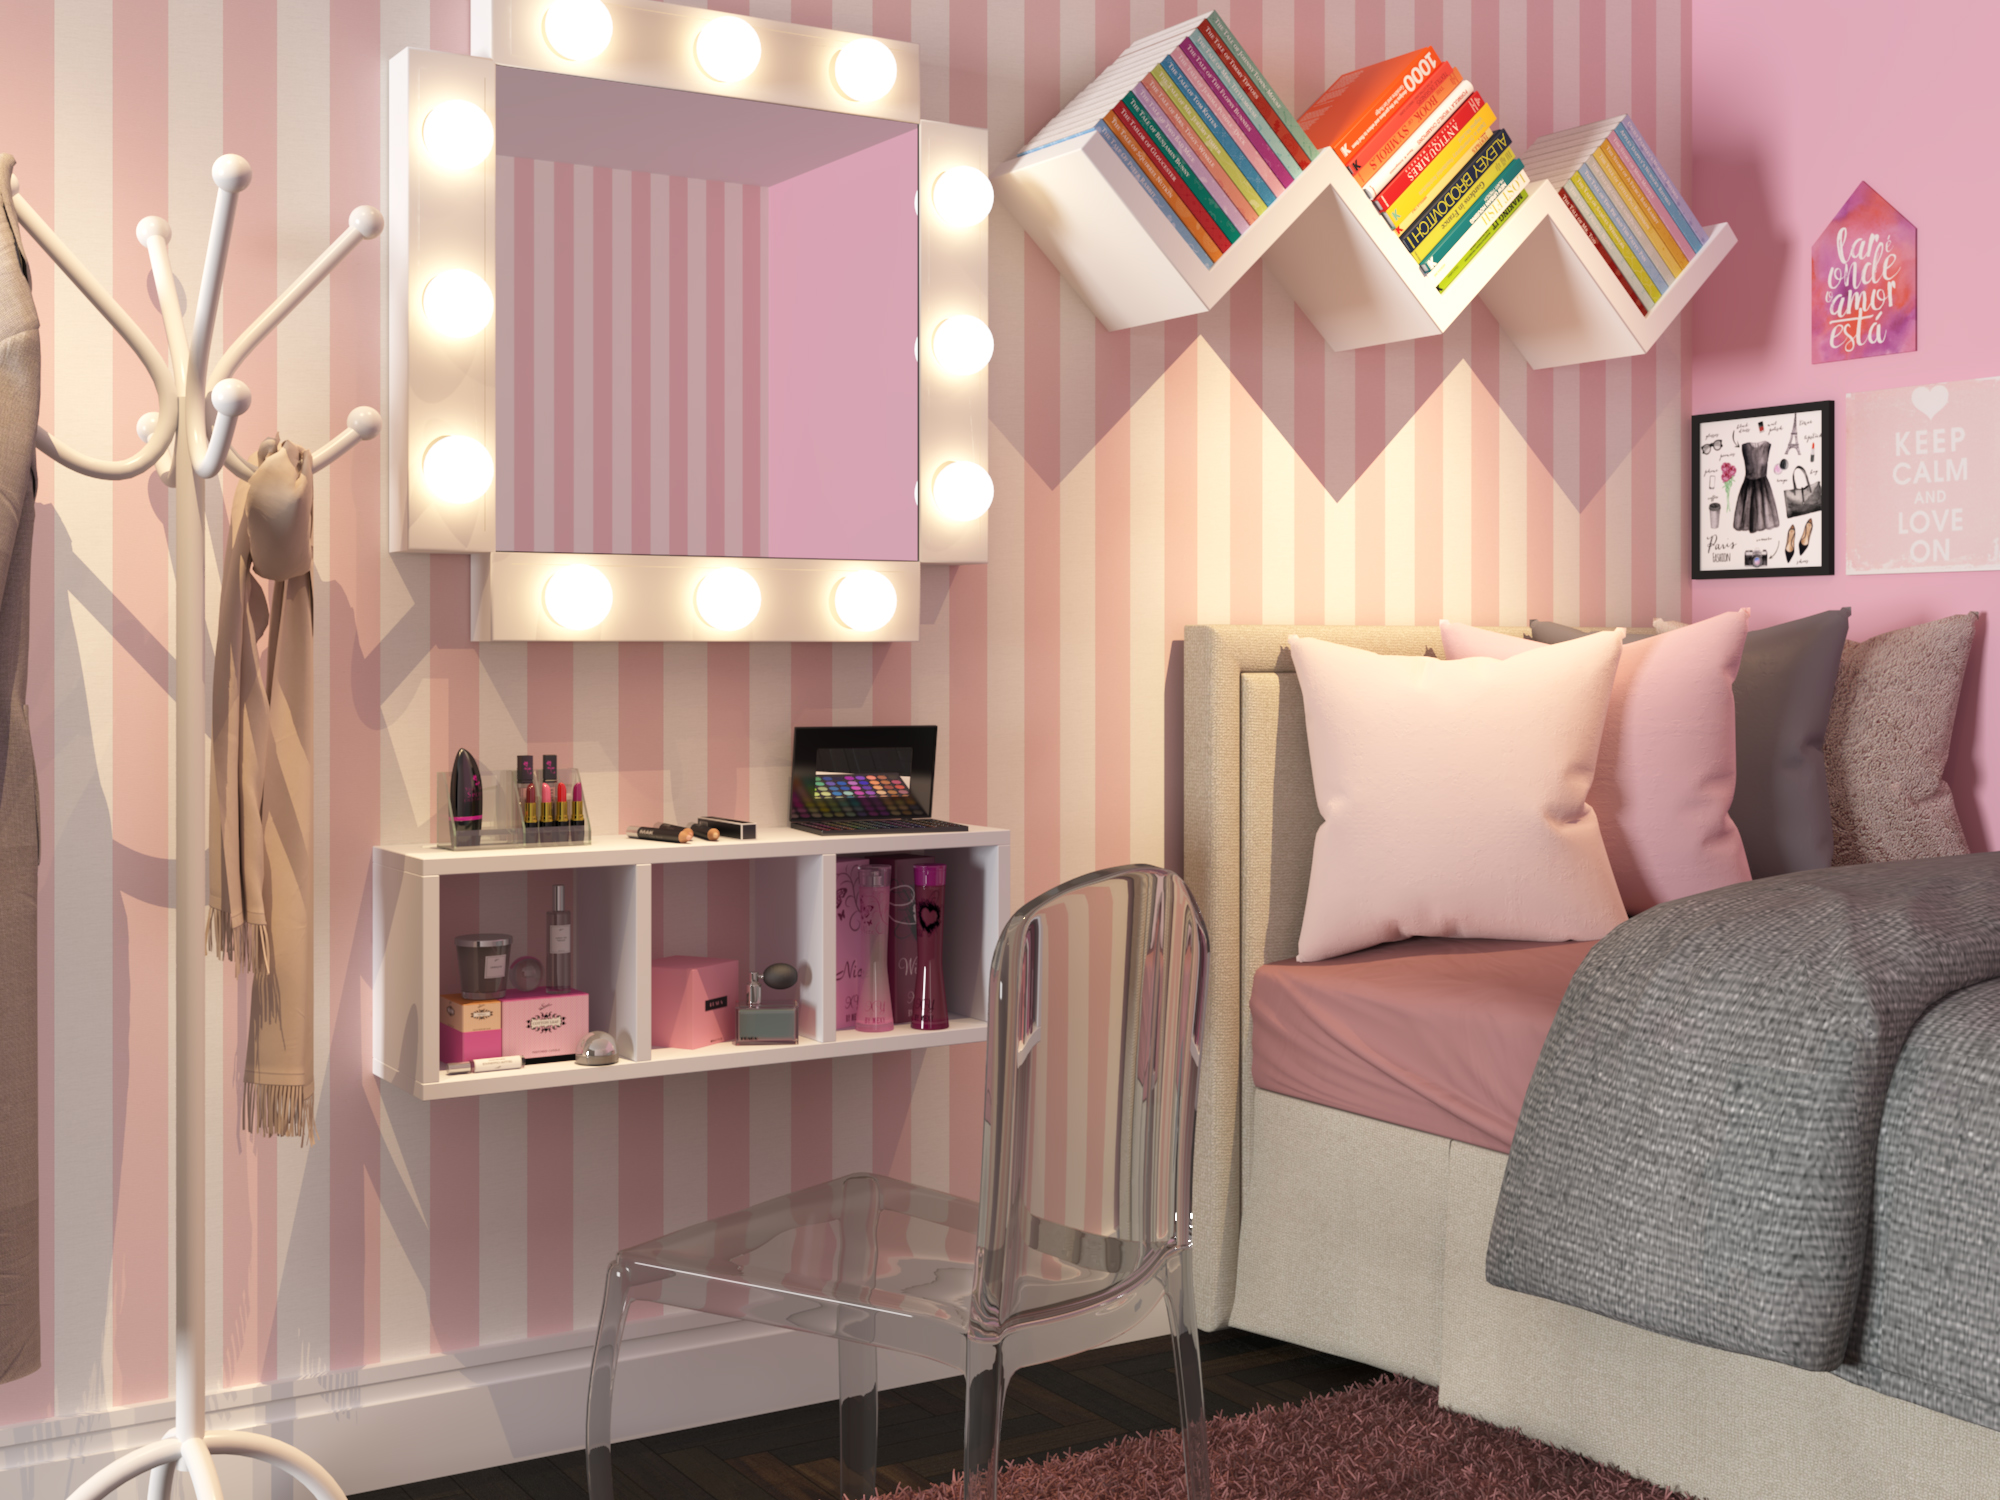 Quarto Pequeno Com Decora O Blush Pink Leroy Merlin ~ Quarto Pequeno Feminino Adolescente